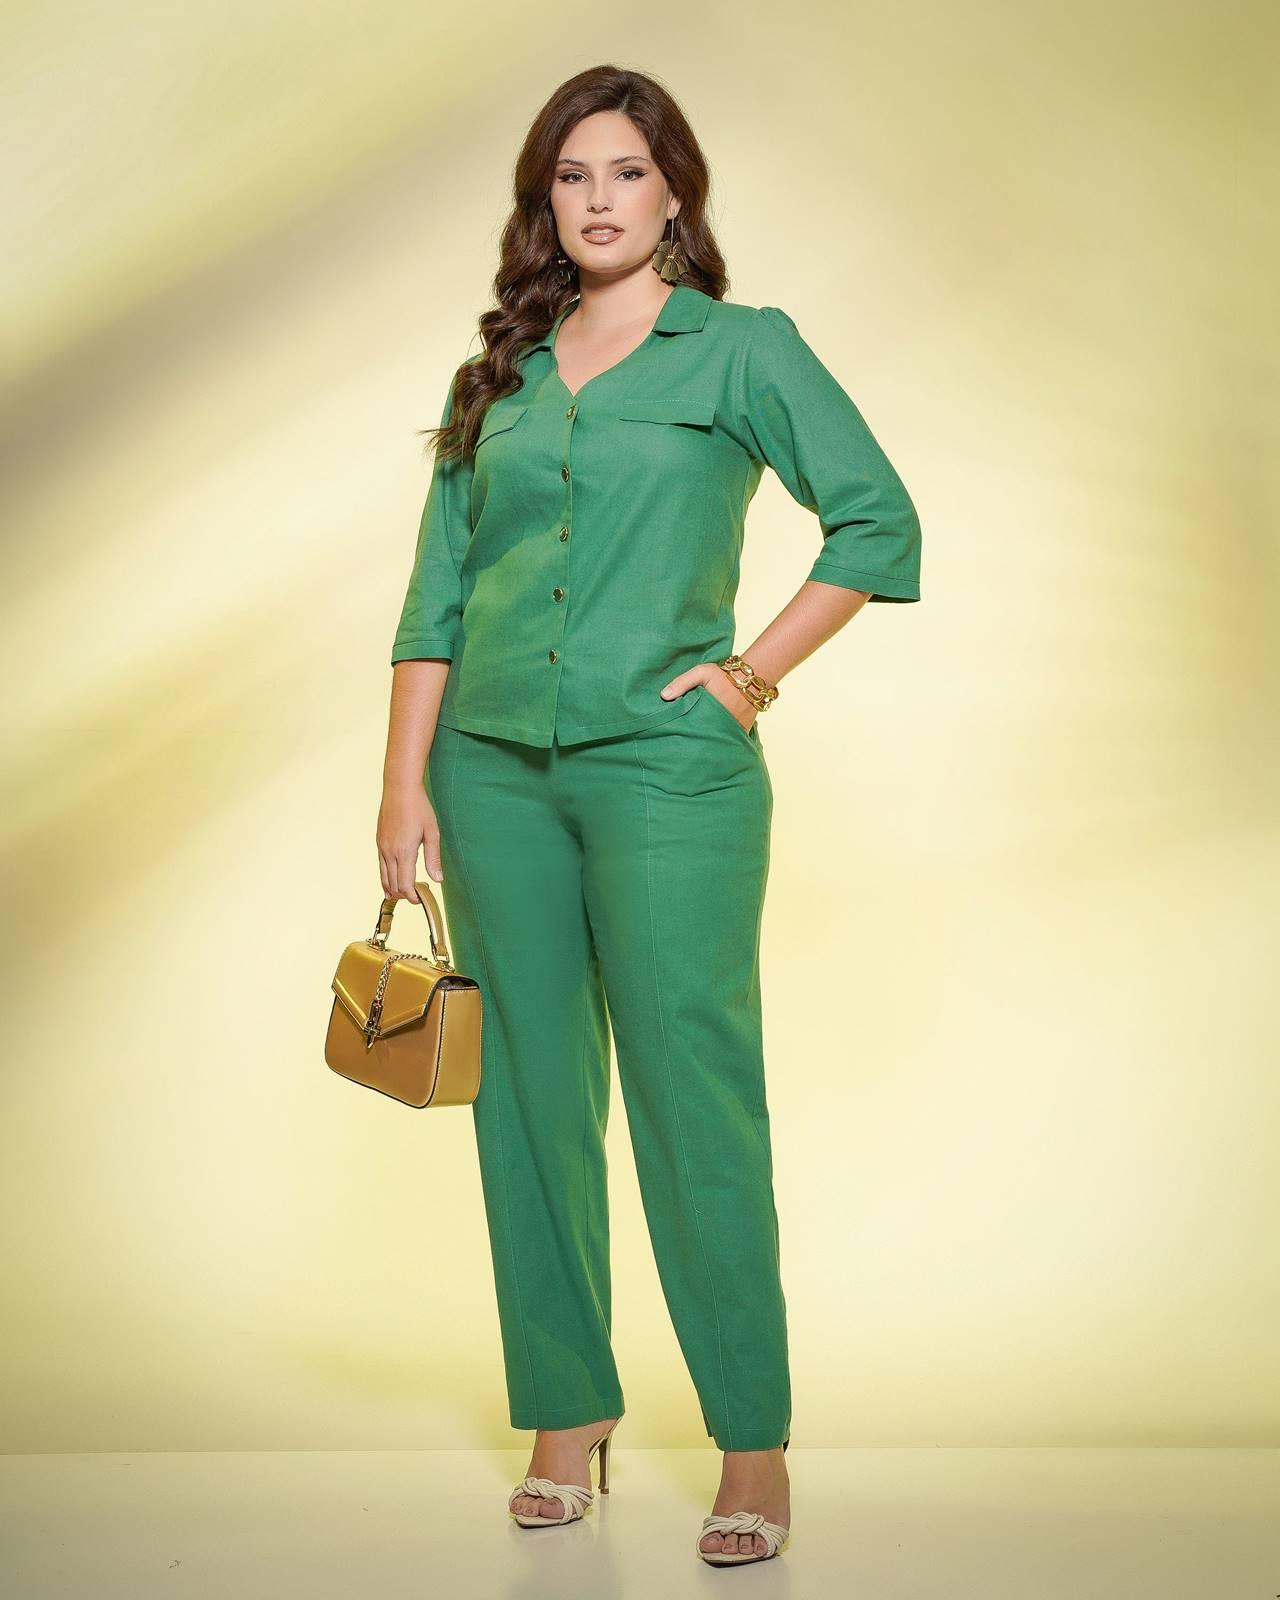 Conjunto verde calça e blusa 3/4  plus size  Ref. U61821